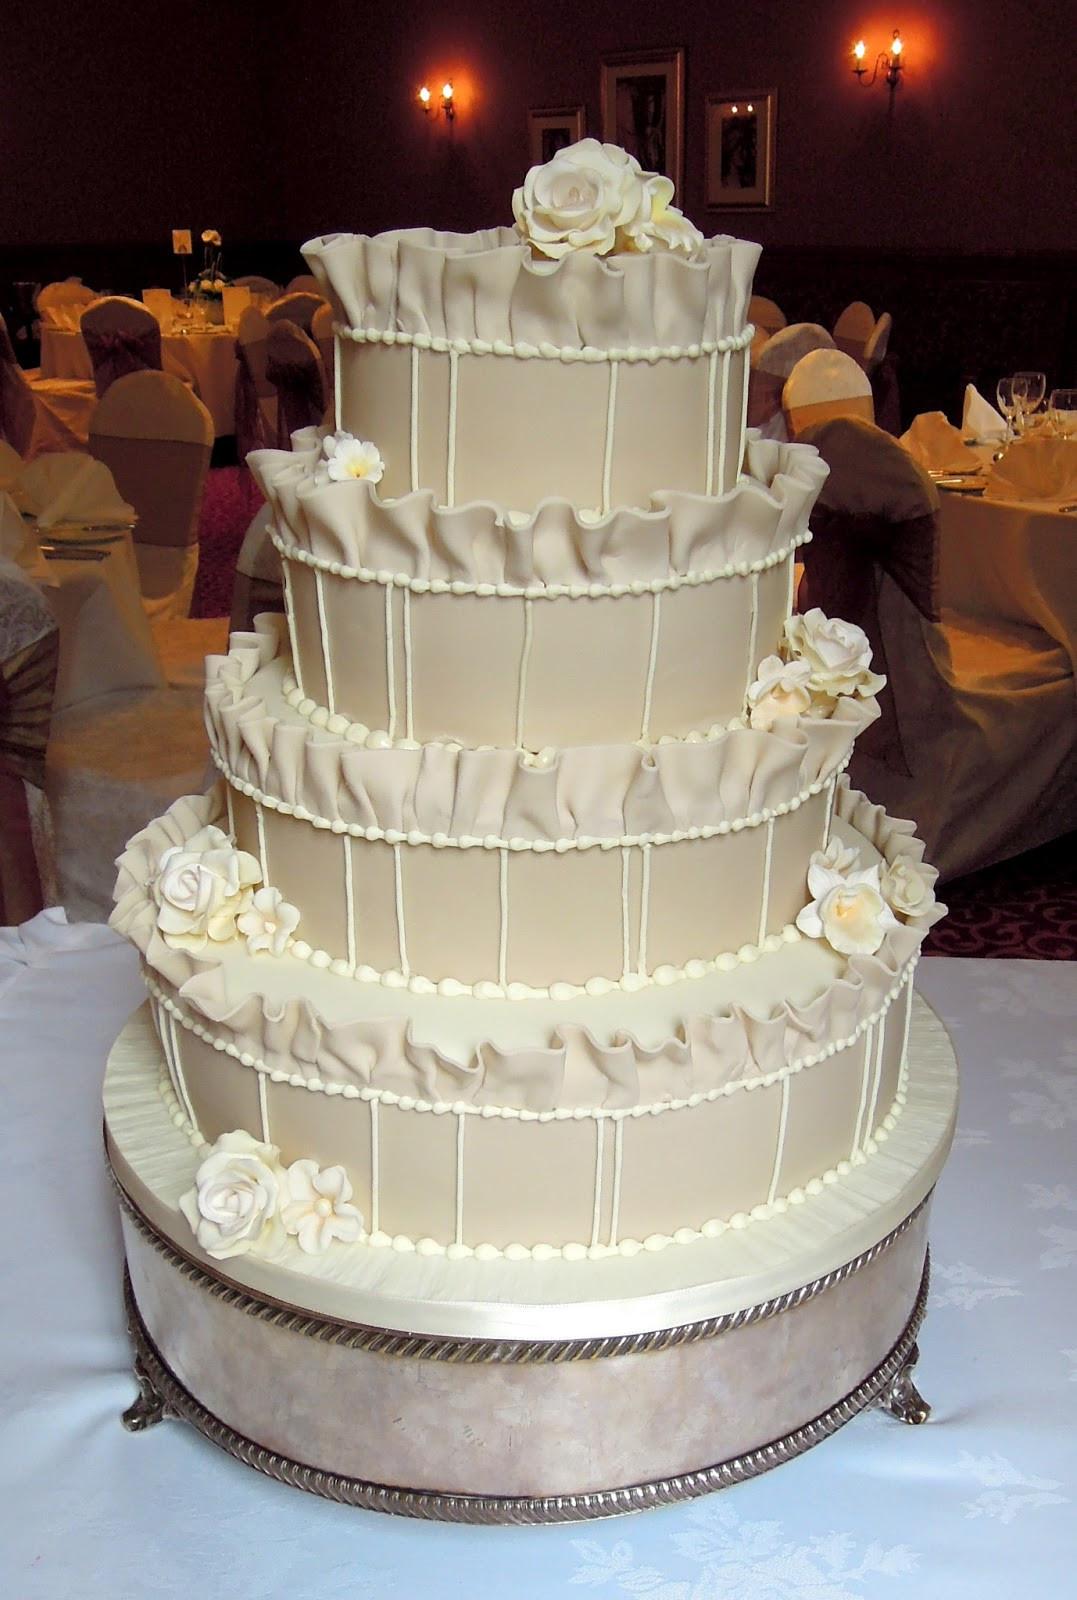 I Do Wedding Cakes  Cake [grrls] cakery